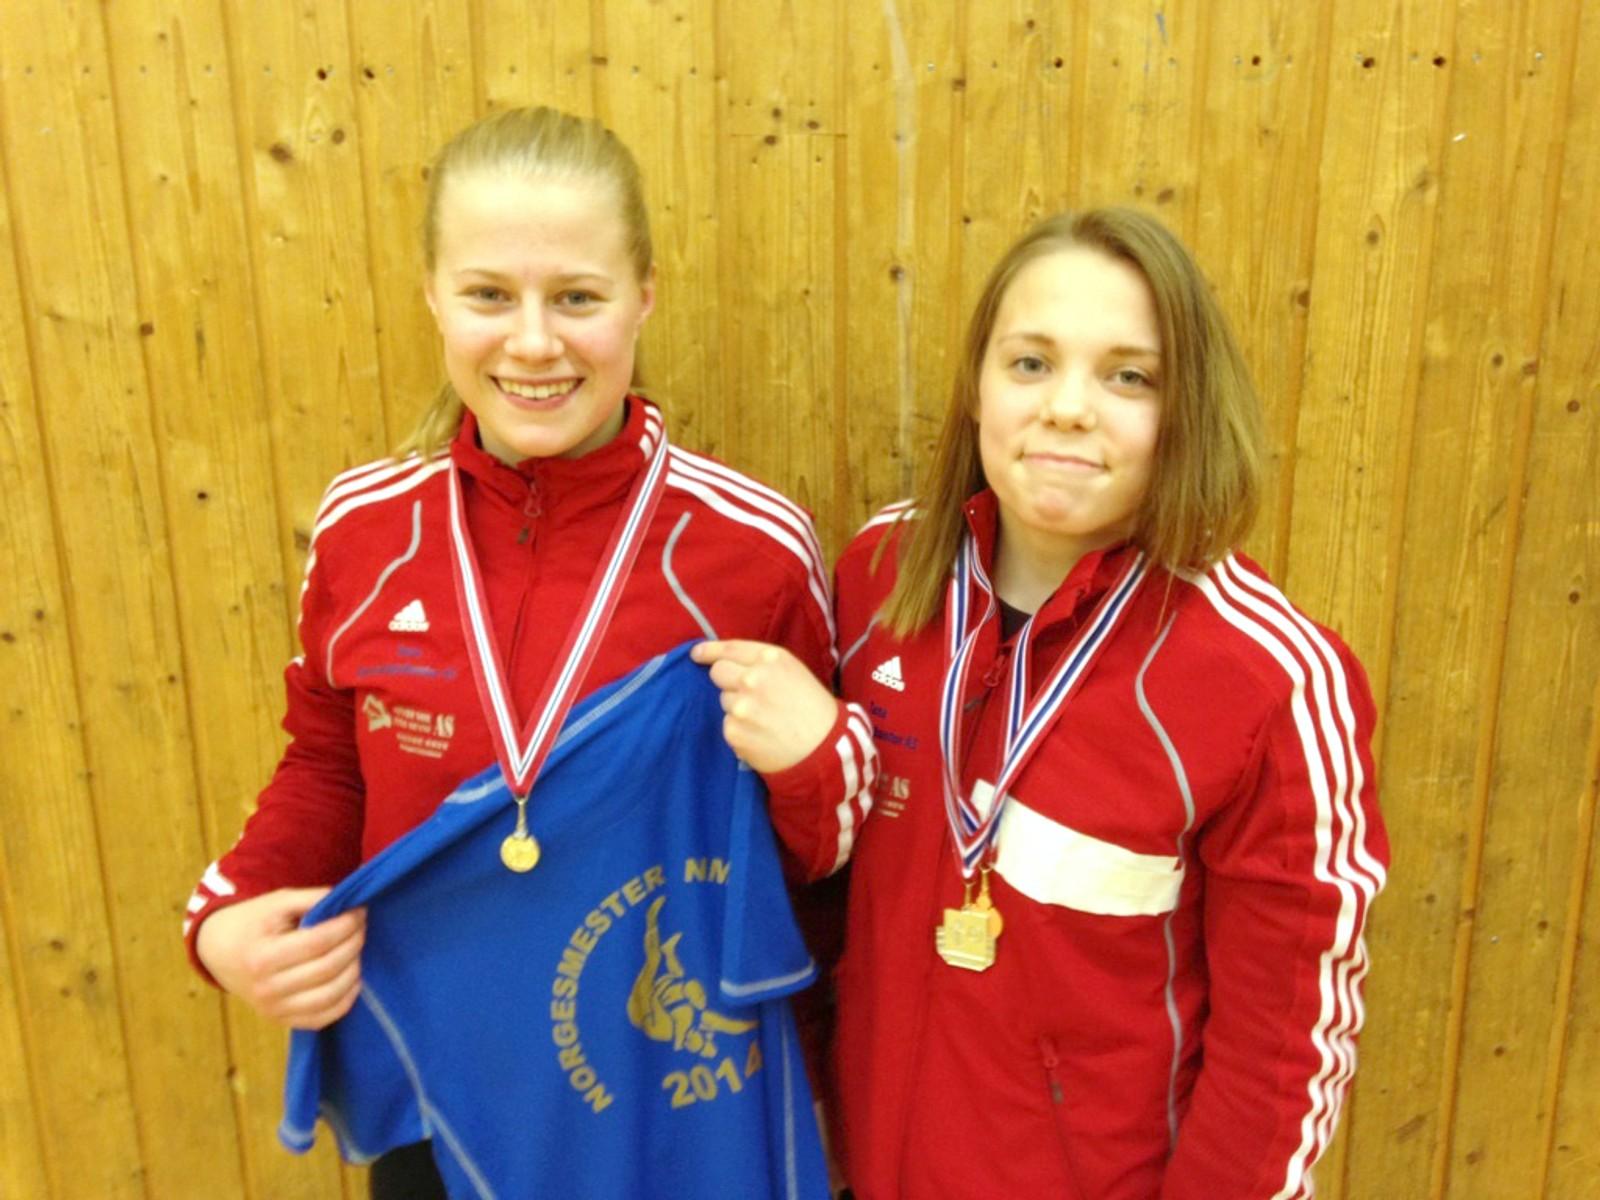 Signe Marie Fidje Store og Gunn Rita Boine, begge fra bryteklubben Tana.